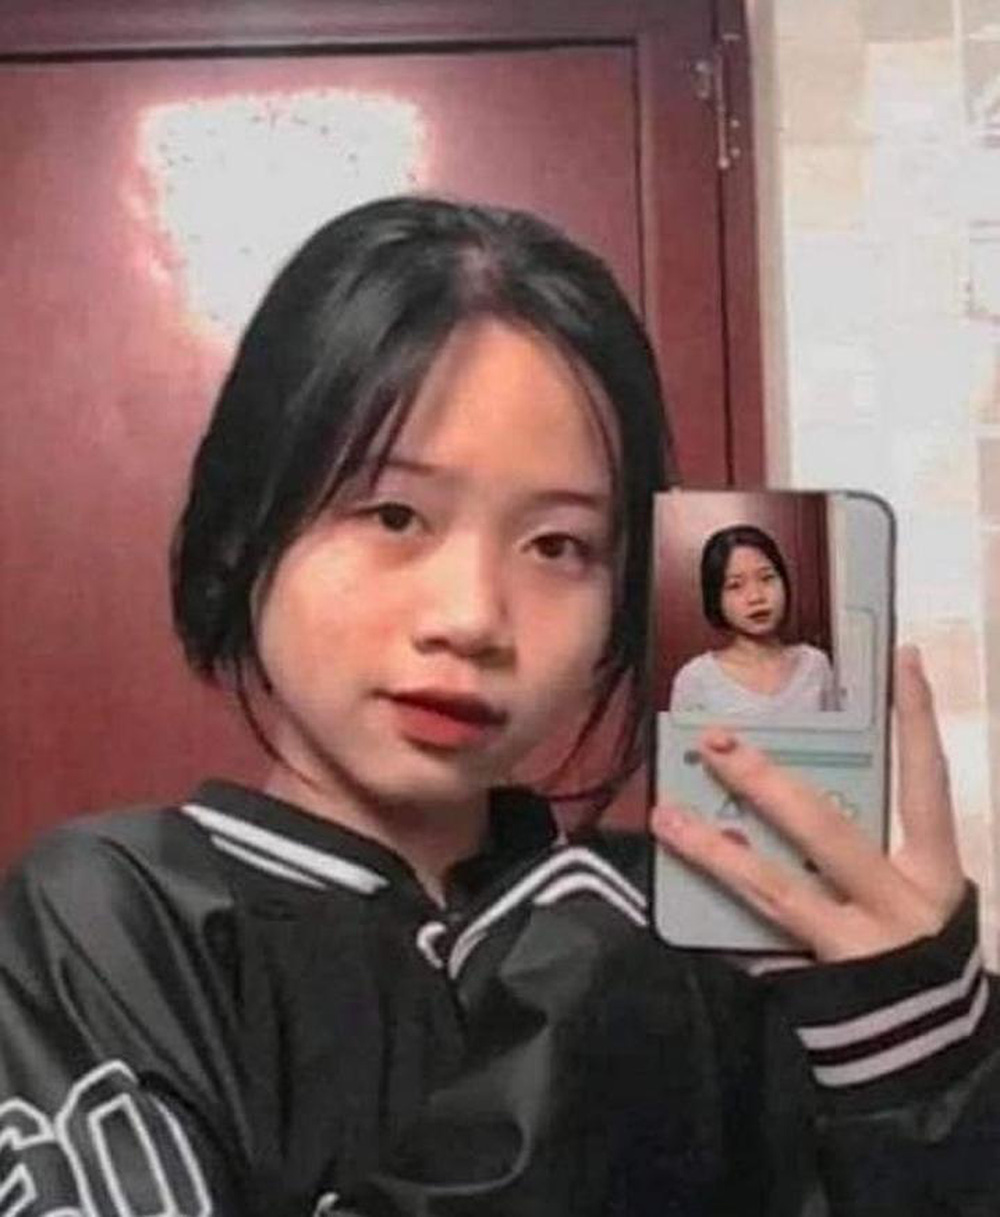 Nữ sinh xinh đẹp ở Nghệ An mất tích bí ẩn sau khi đi bộ ra khỏi nhà - Ảnh 1.